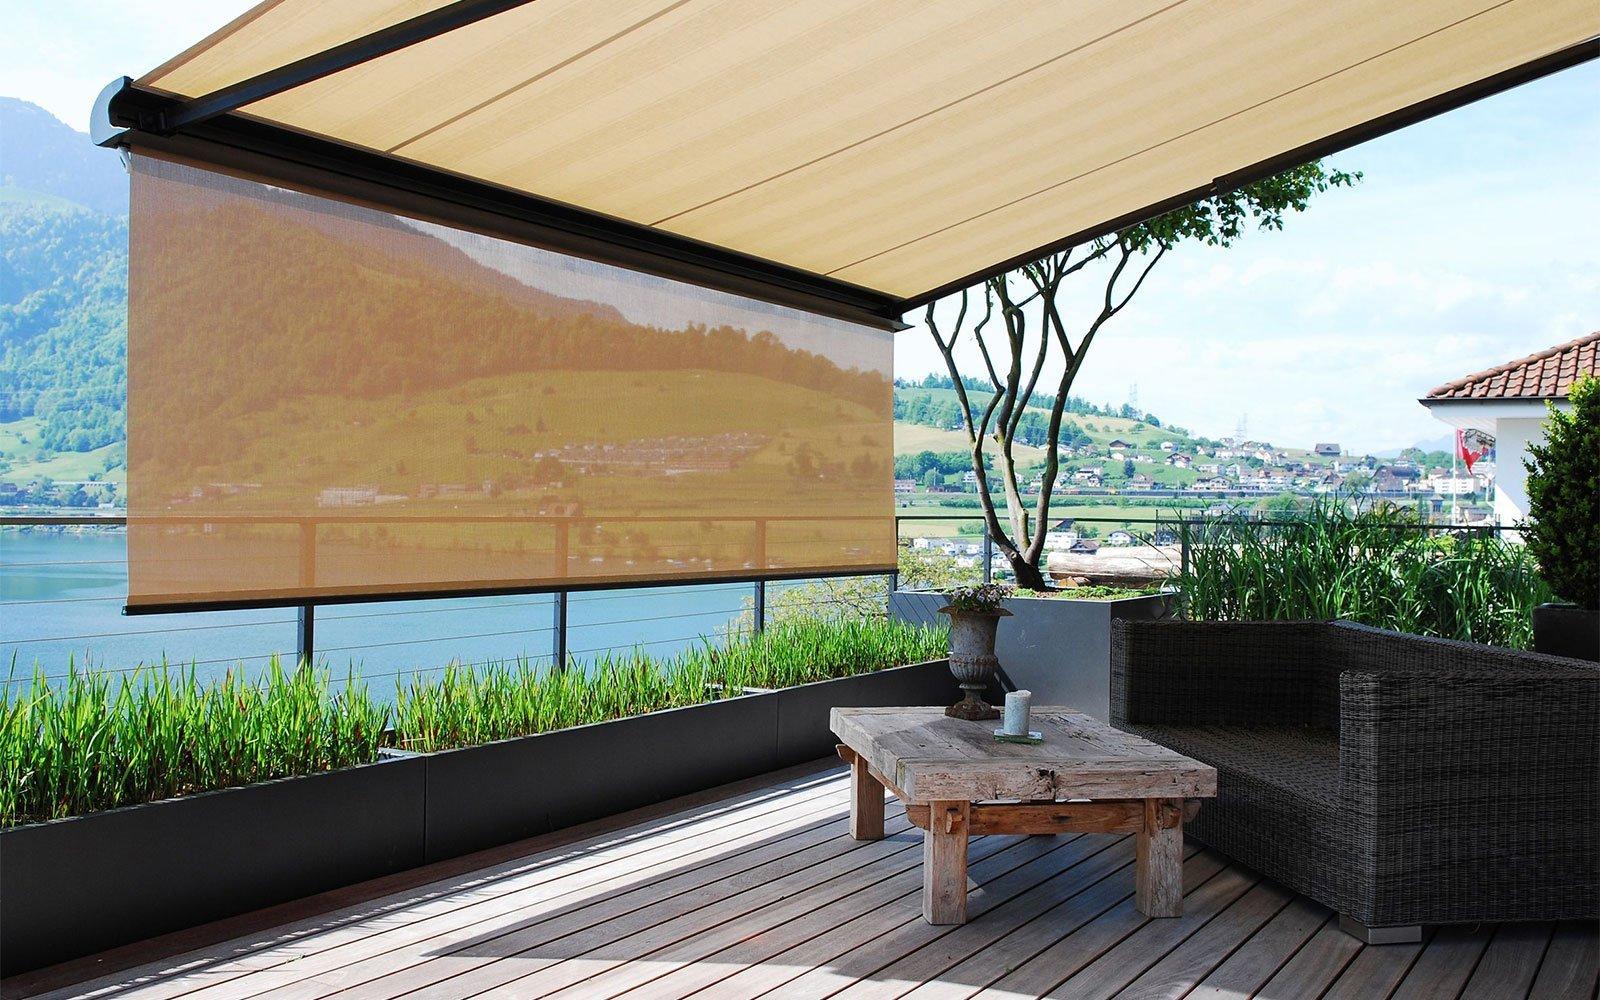 una tenda da sole su una terrazza